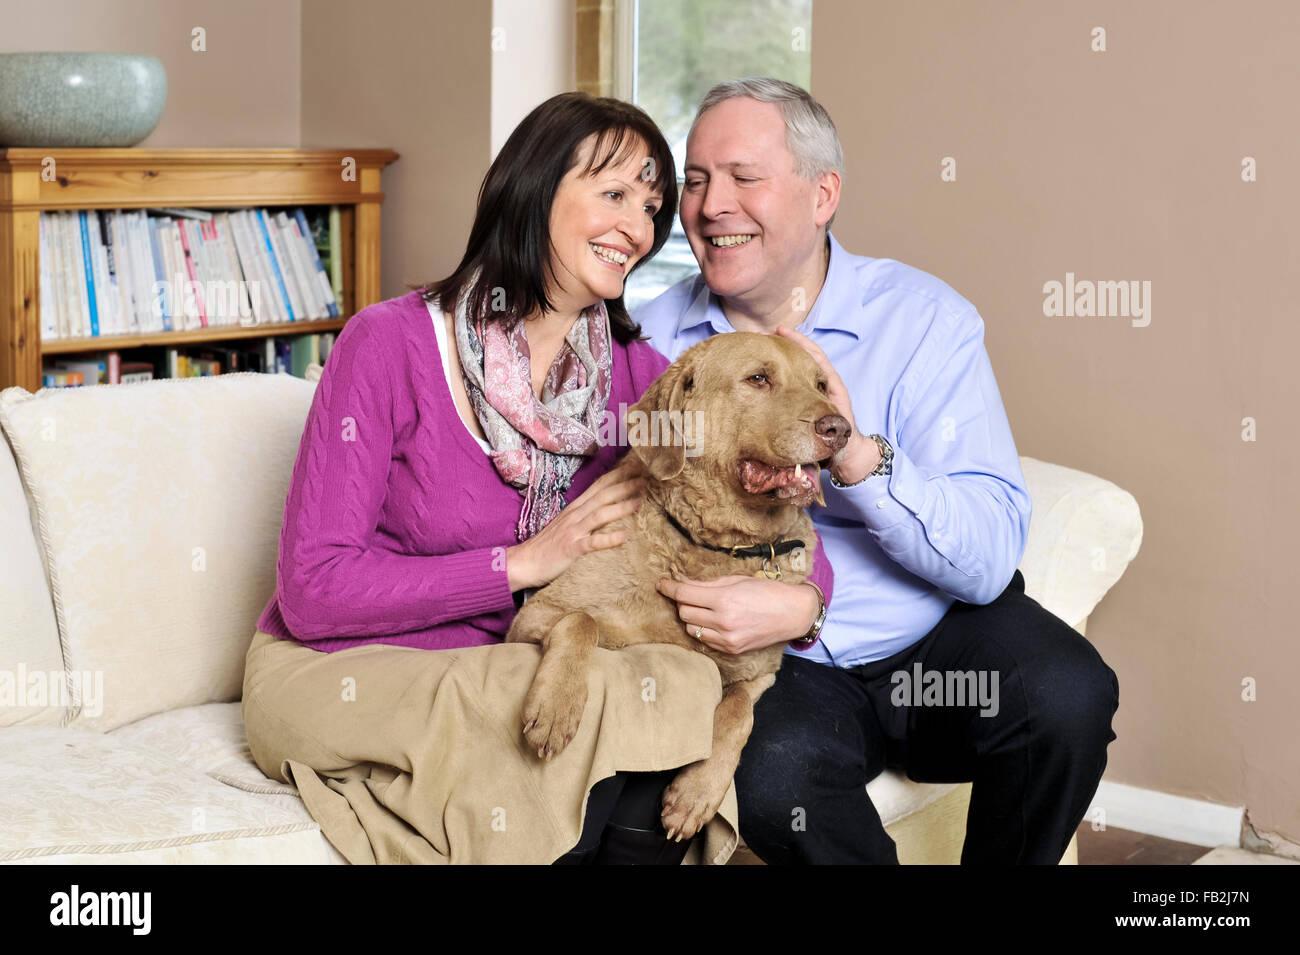 Un couple d'âge moyen s'est assis sur un canapé serrant son chien Photo Stock